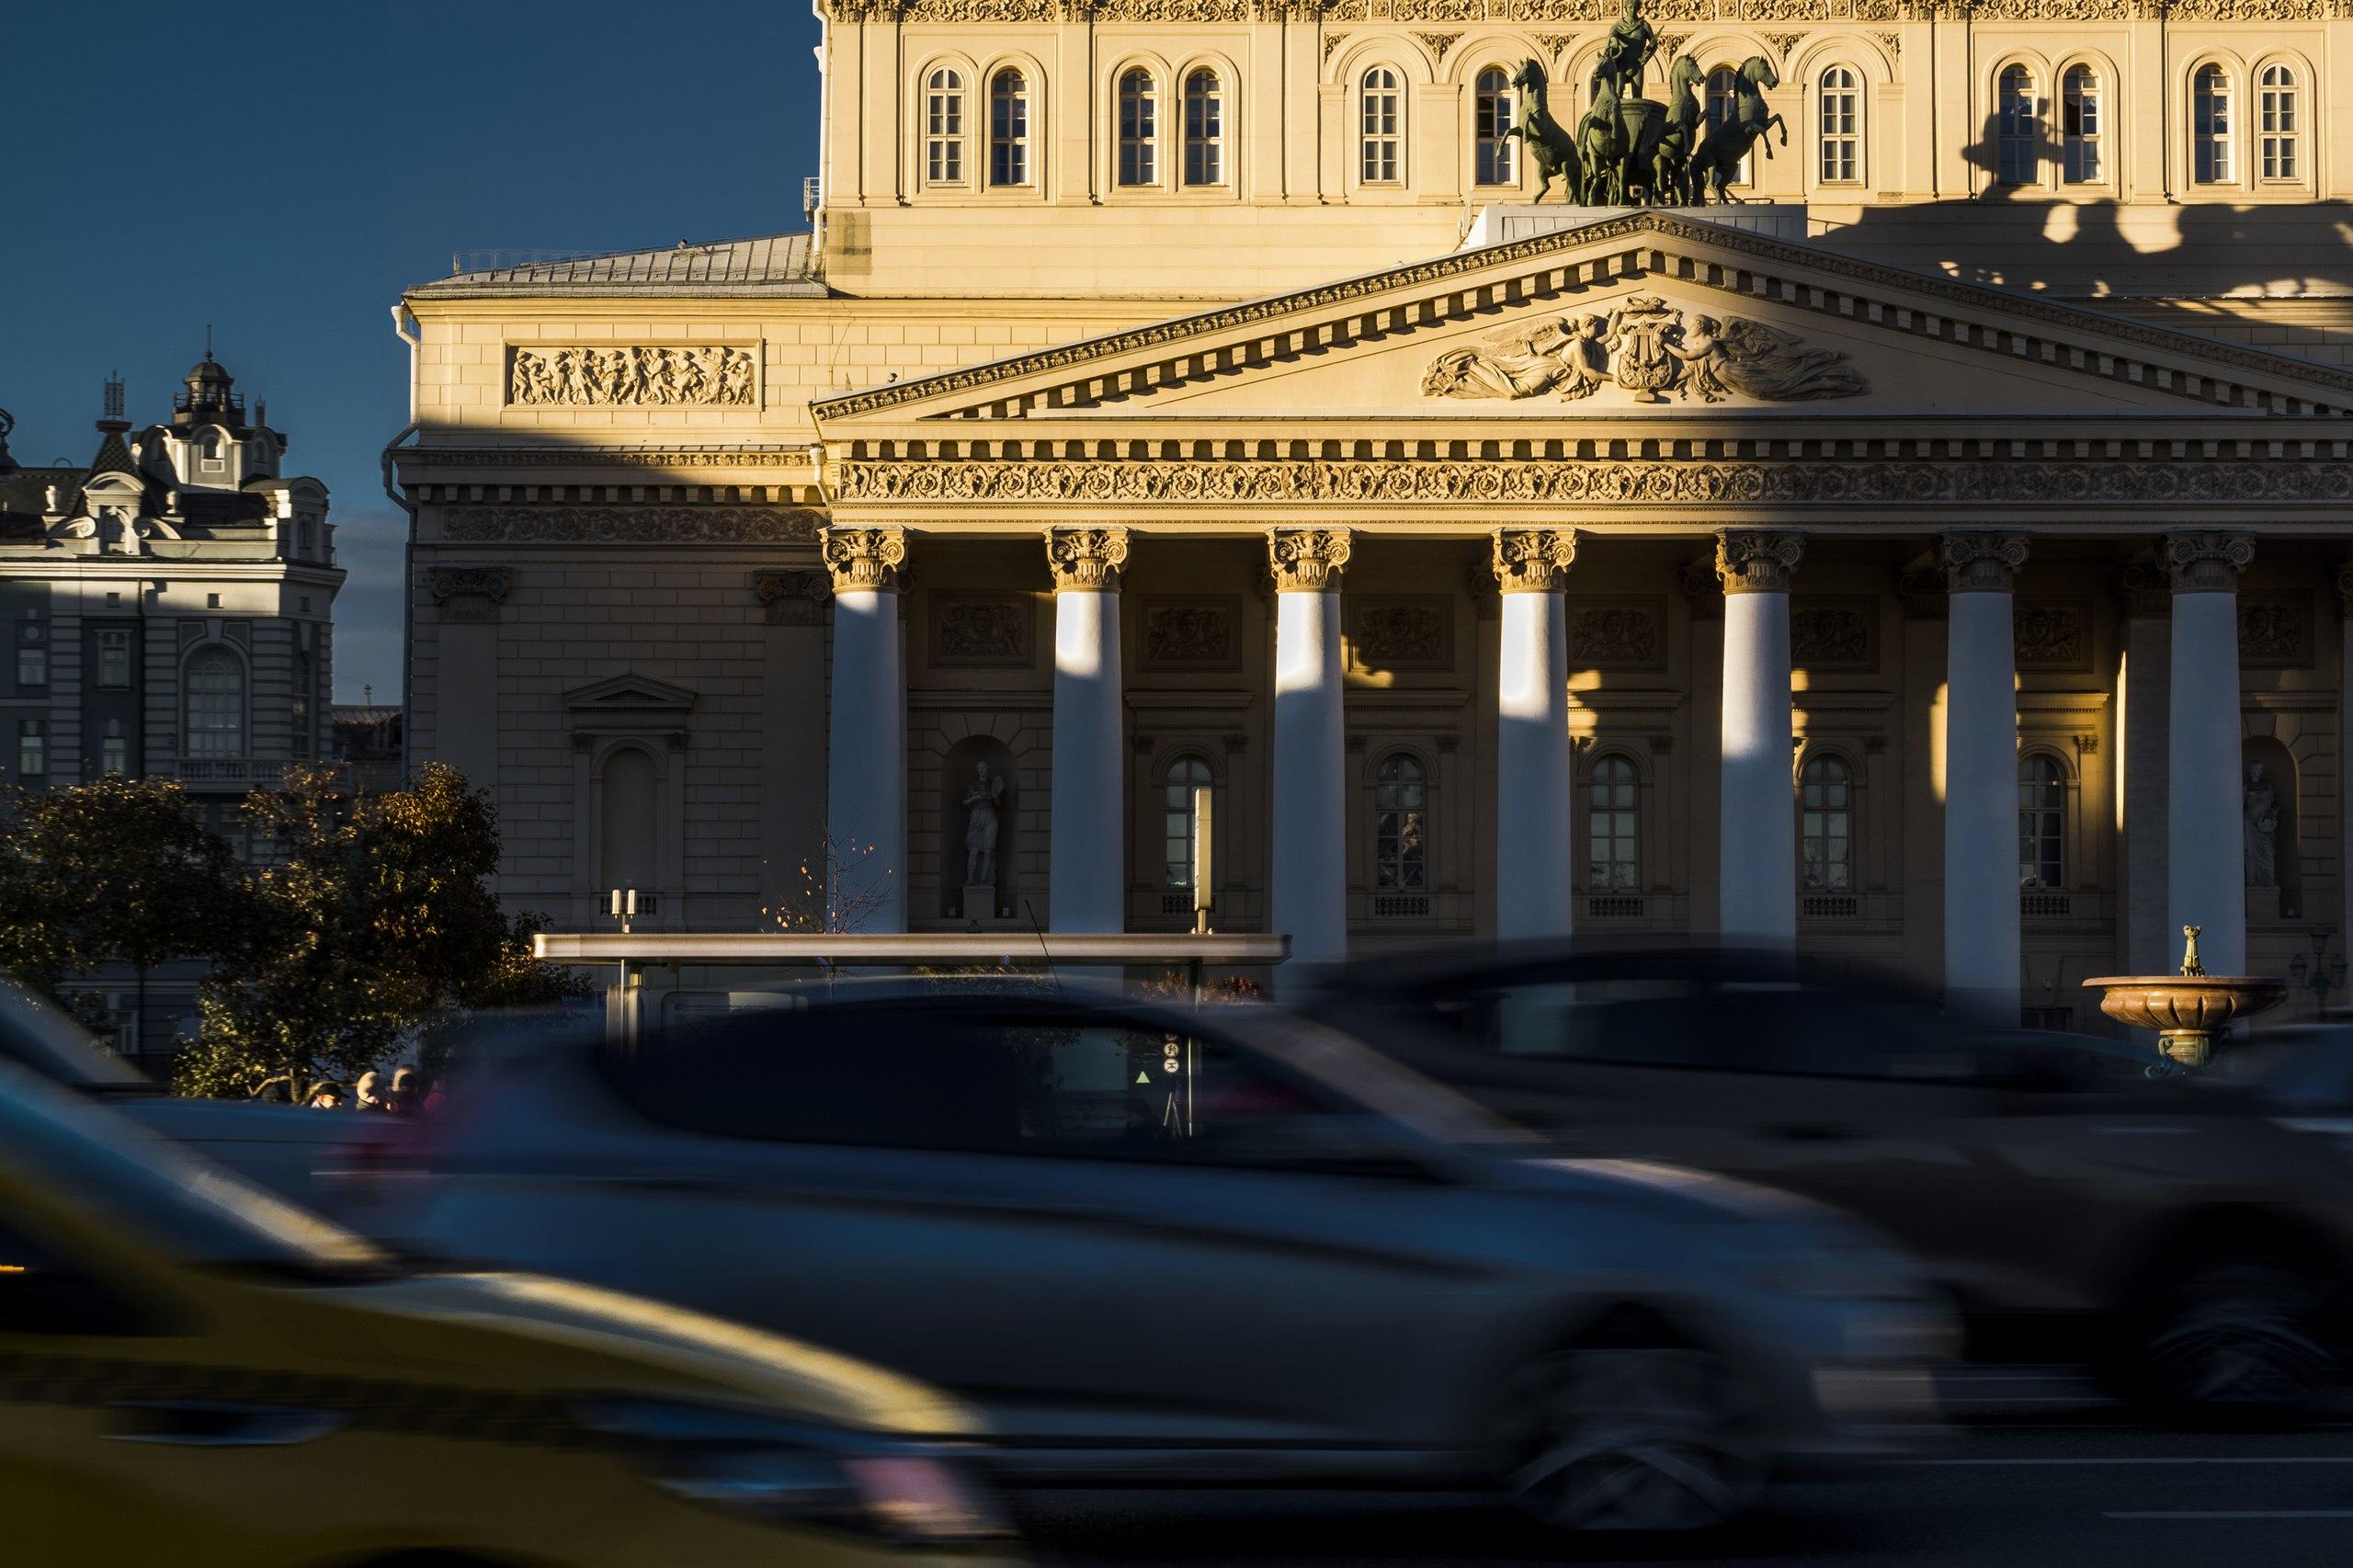 Кража тромбона в российской столице - происки завистников либо банальное правонарушение?